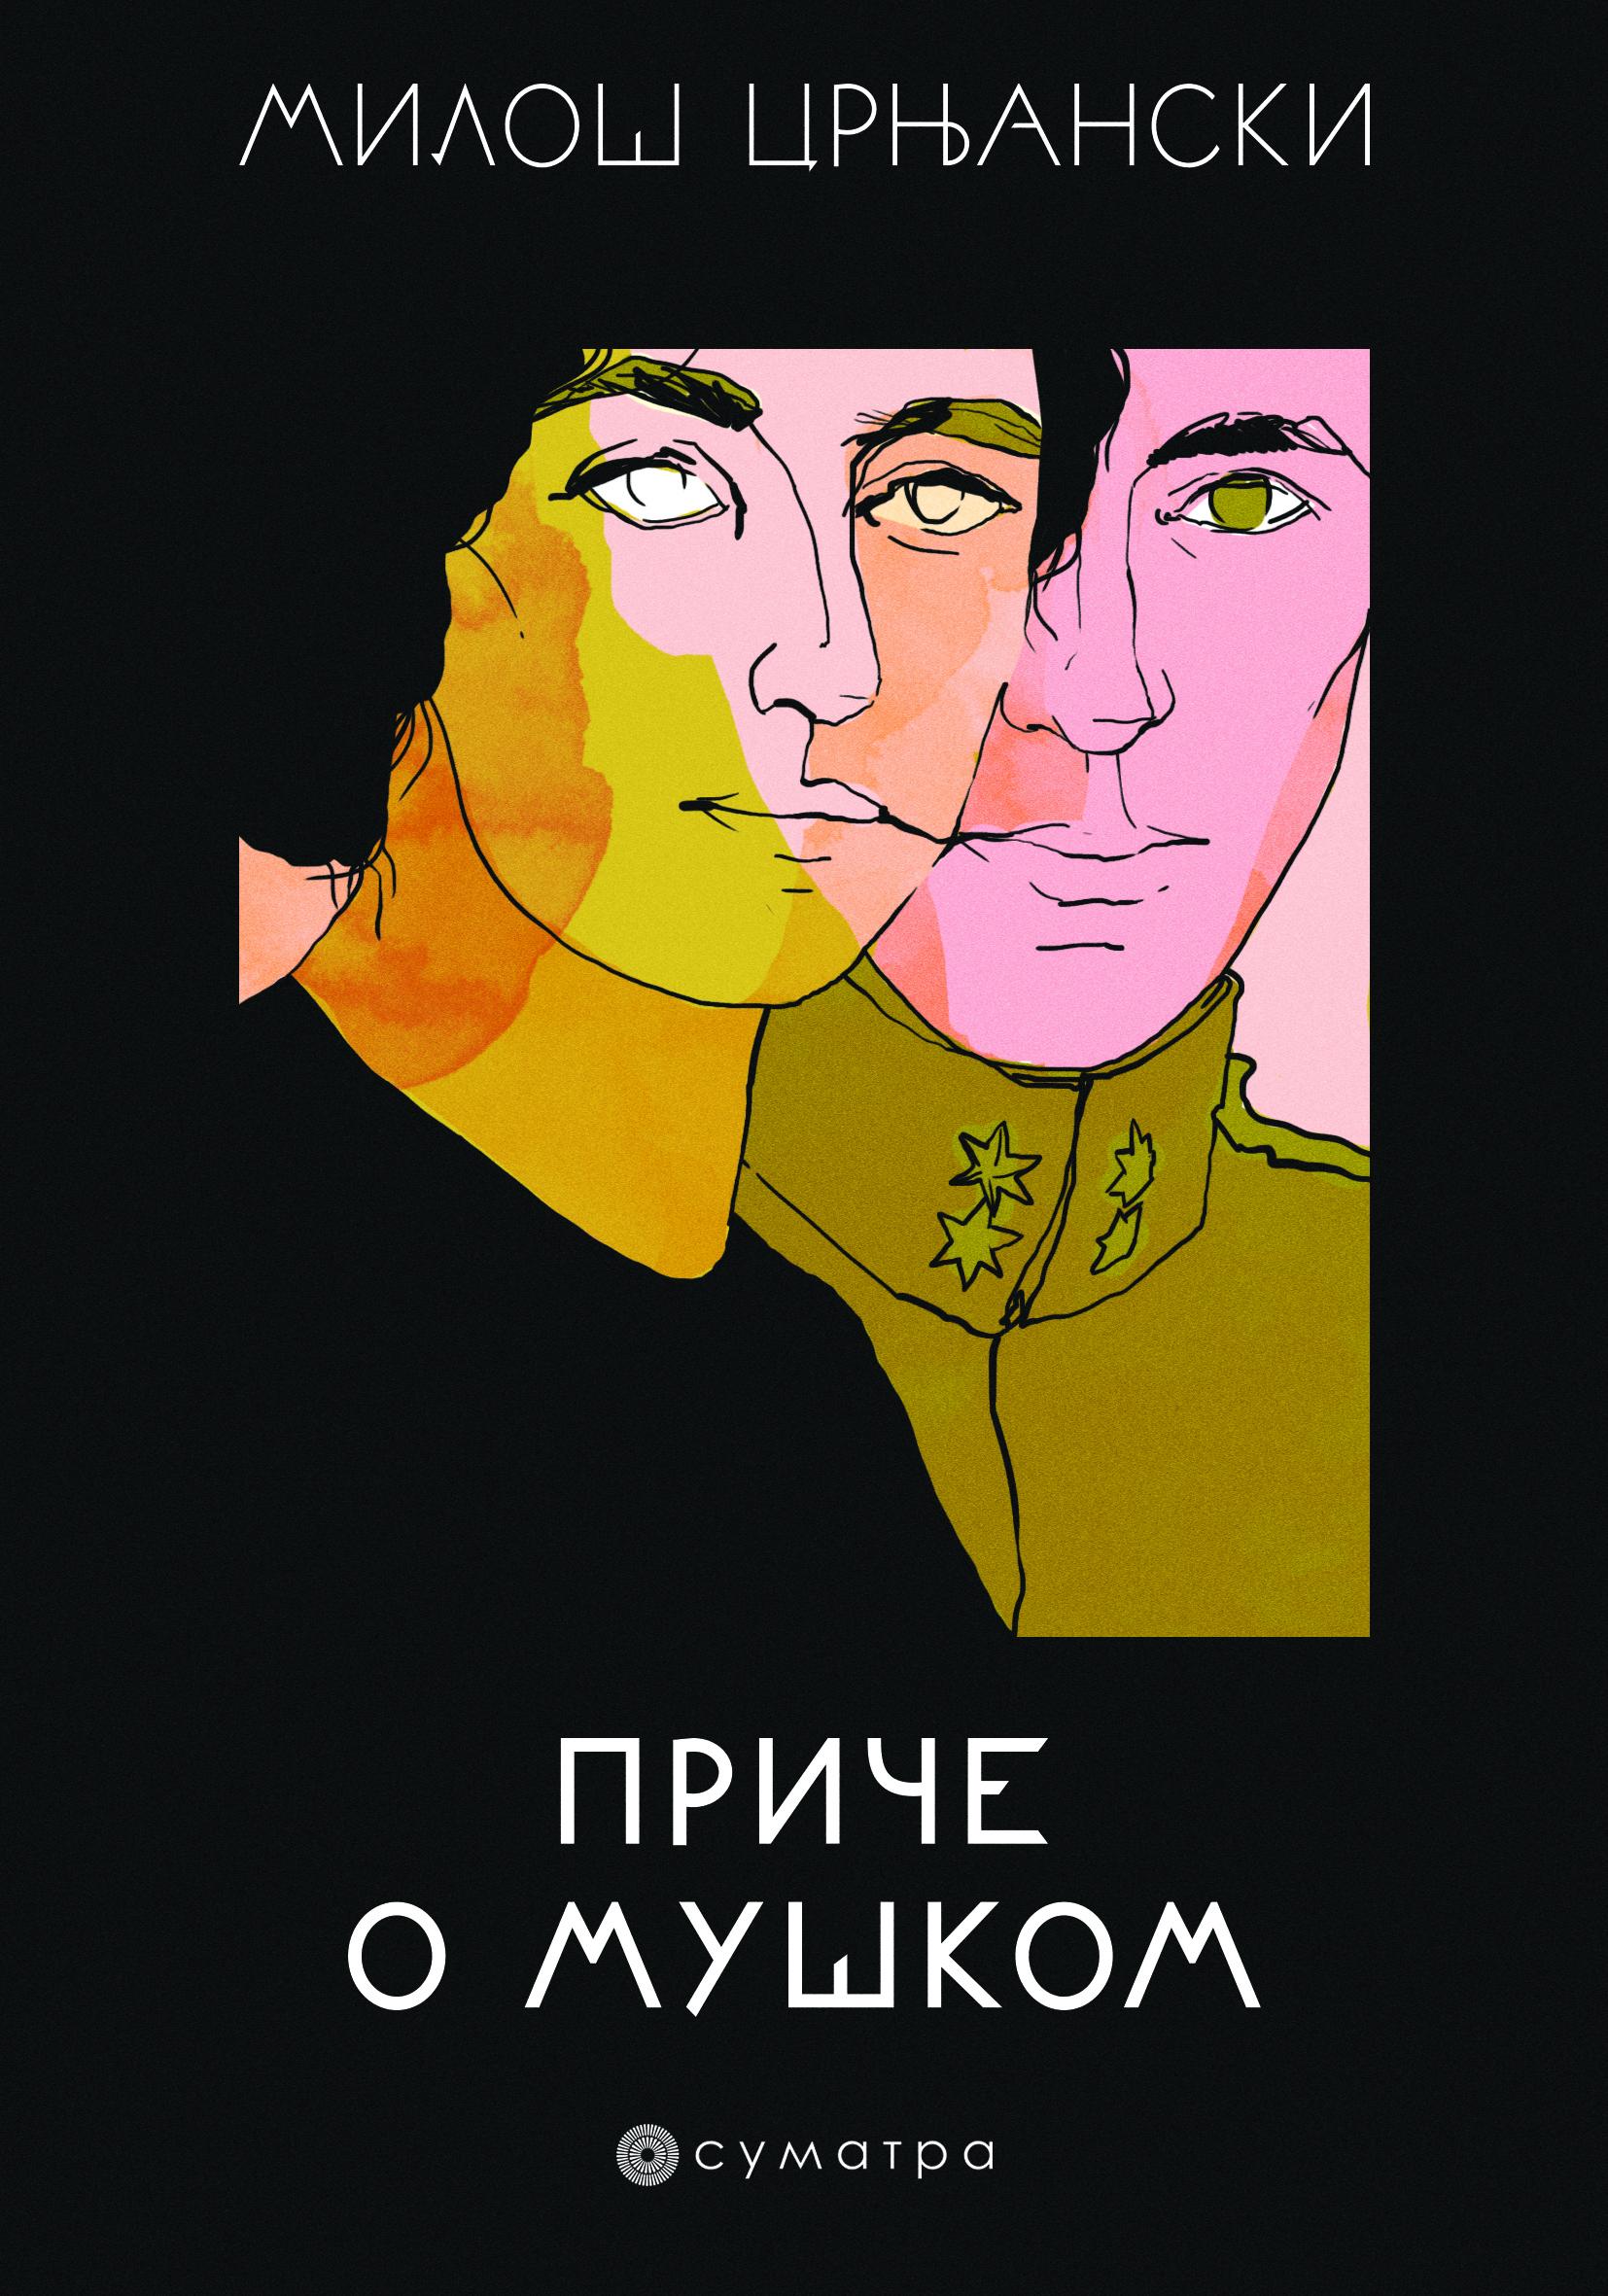 Knjiga Priče o muškom – Miloš Crnjanski